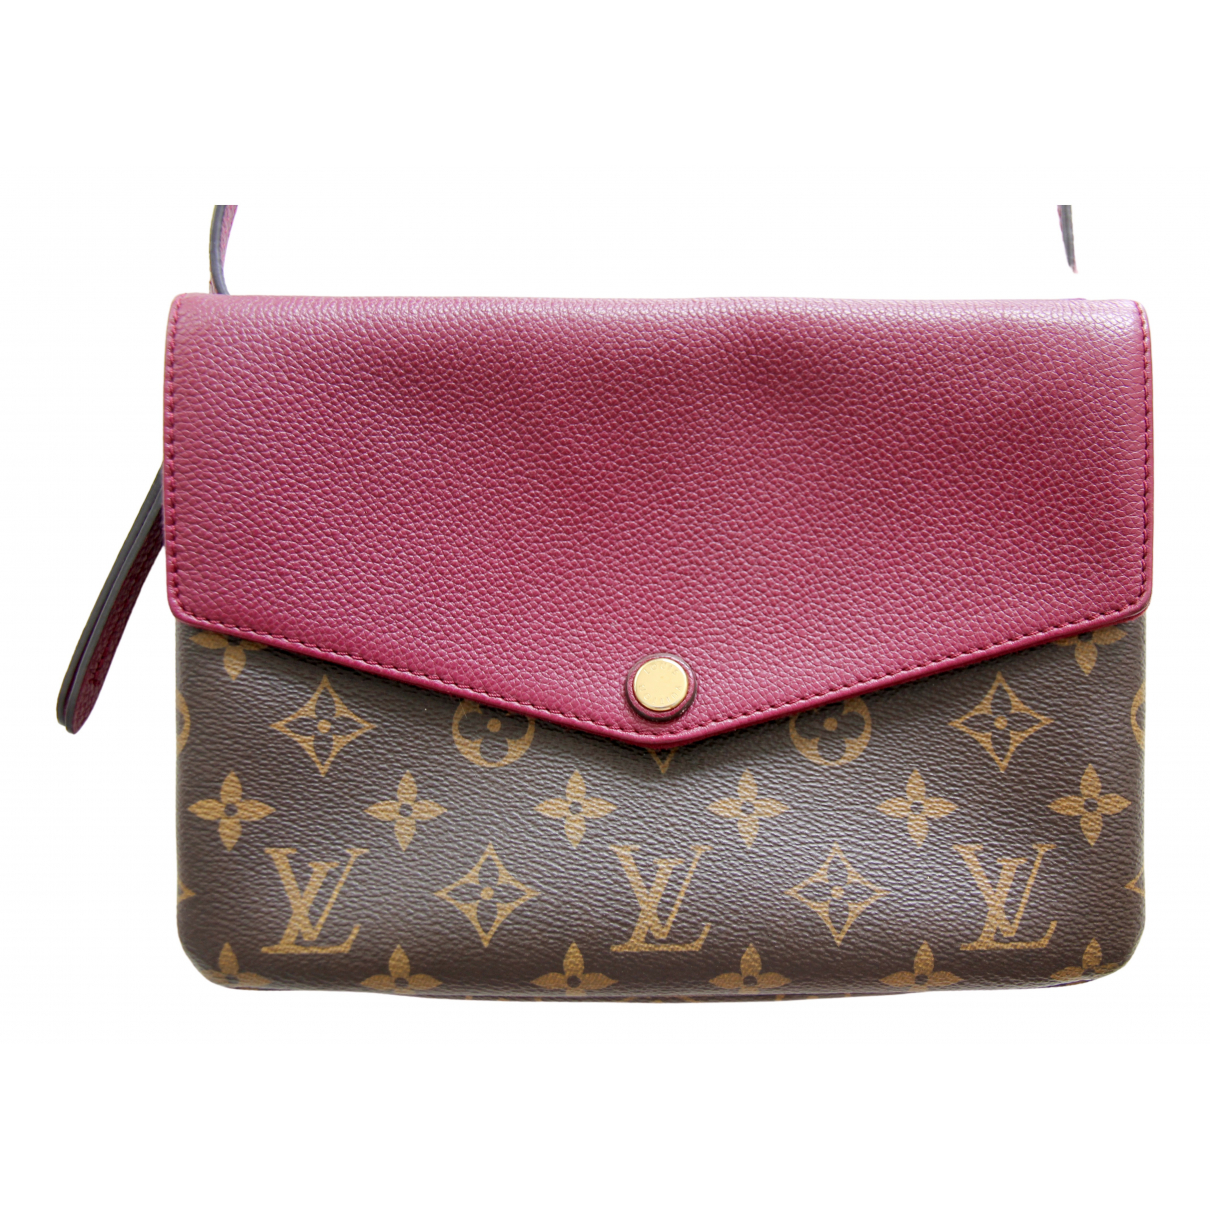 Louis Vuitton - Sac a main Twice pour femme en toile - marron